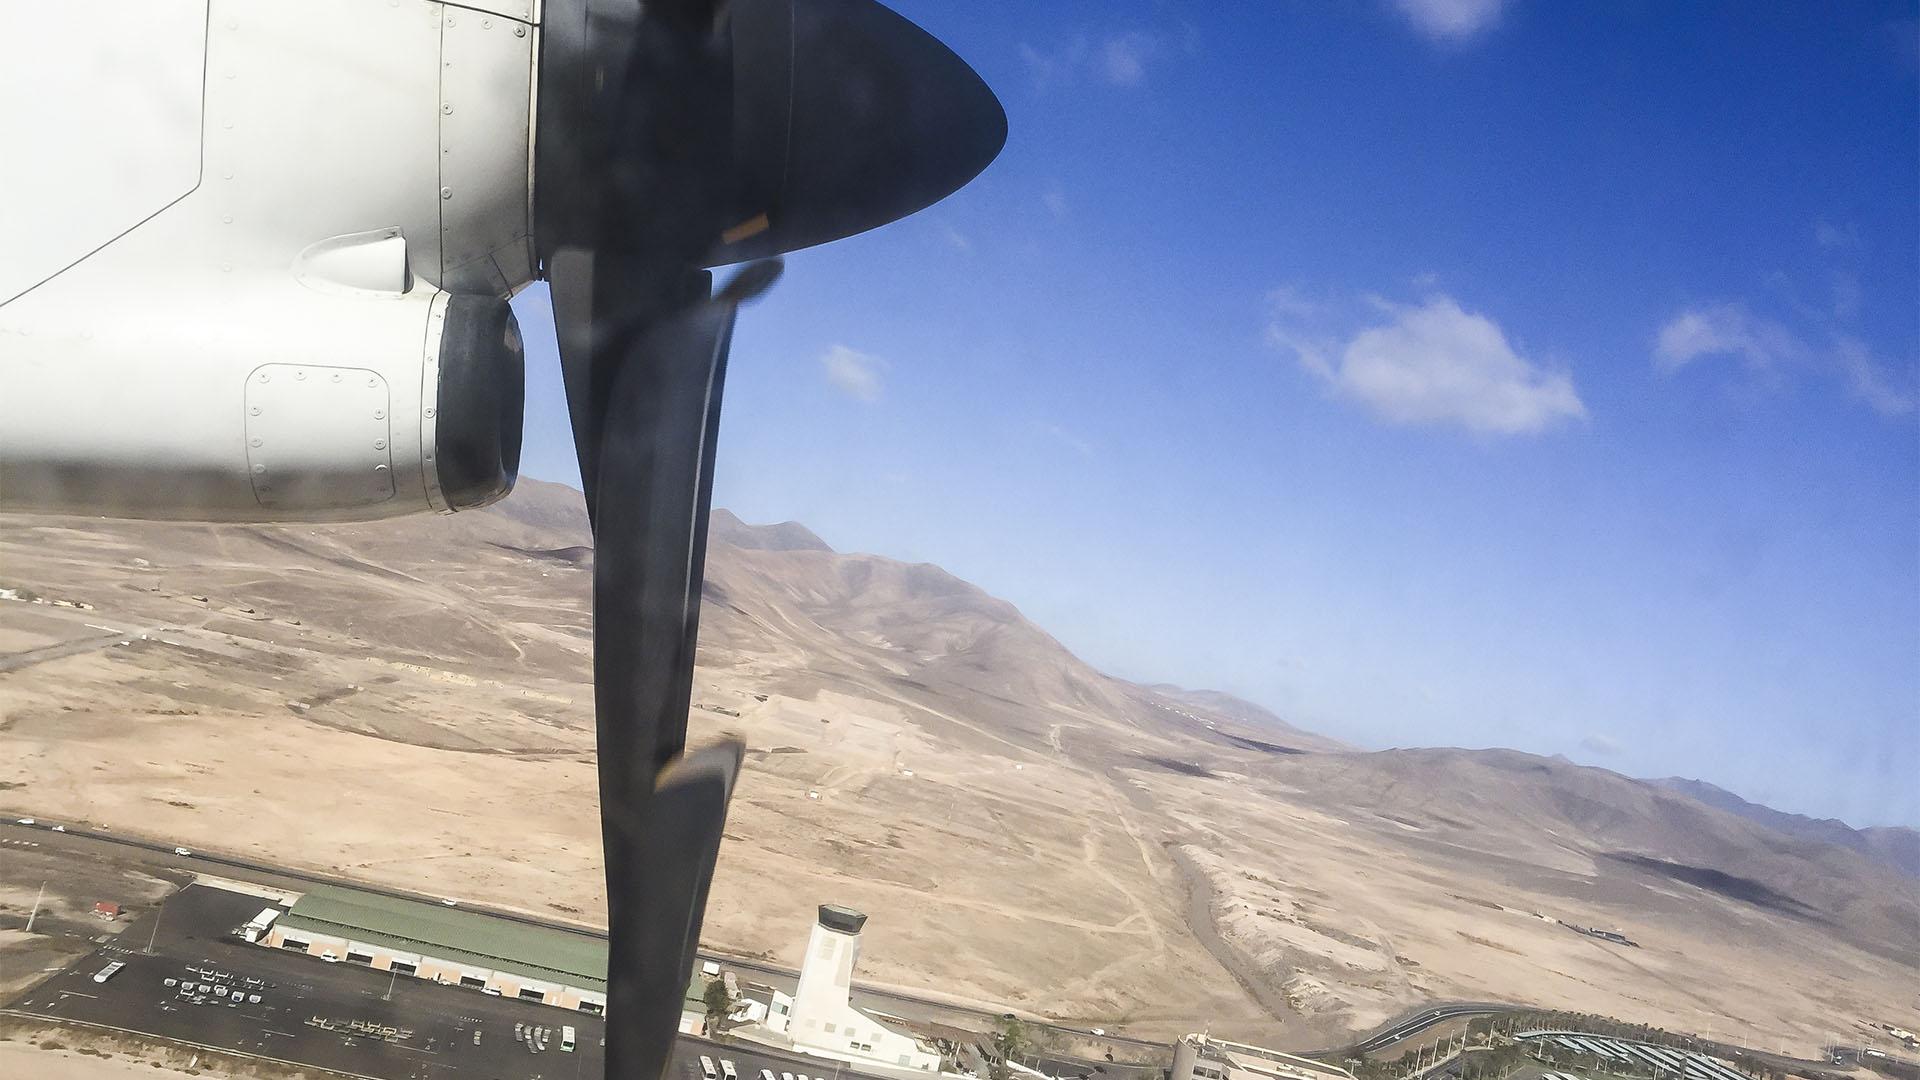 Mit dem Flugzeug auf das kanarische Archipel und Fuerteventura und Island Hopping mit Propeller Maschinen.